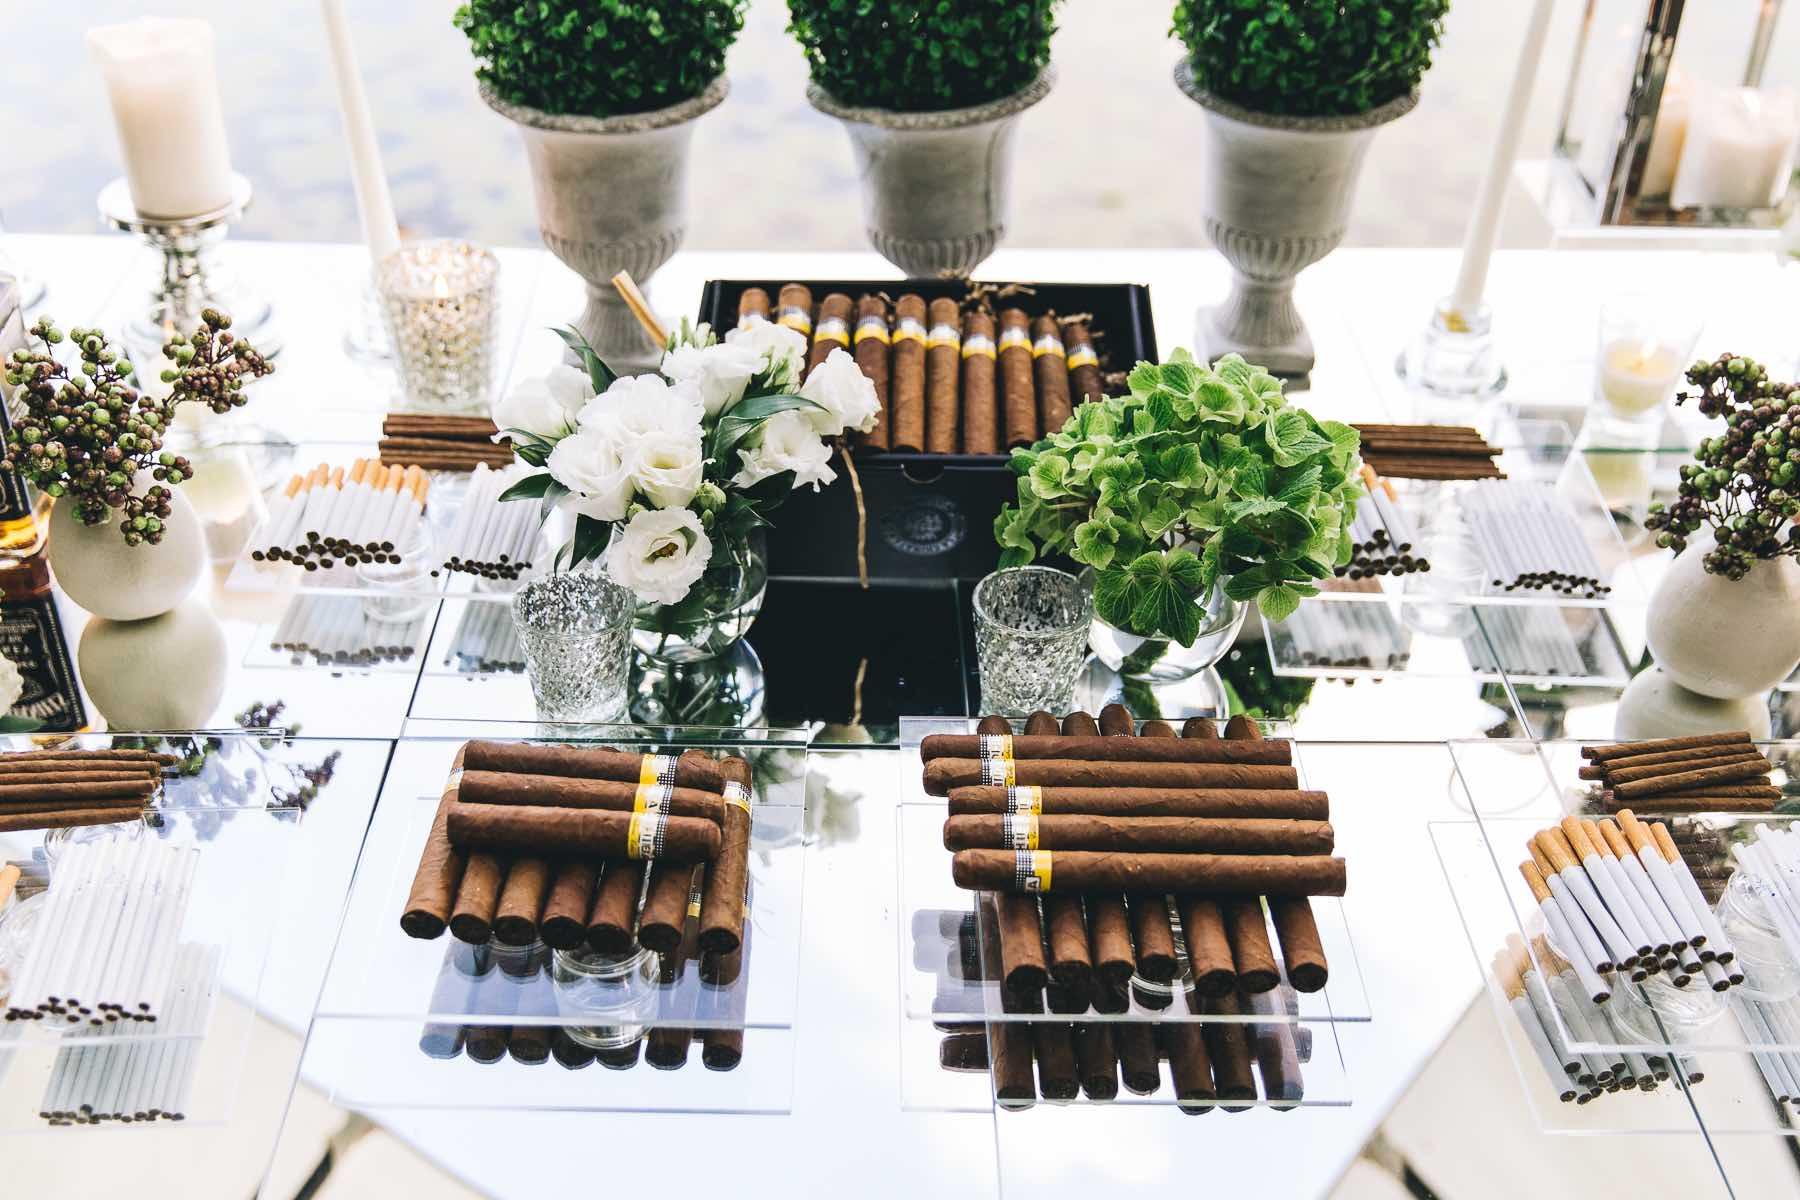 Cigar bar - Chateaux Brindos - Itziar Ortuondo